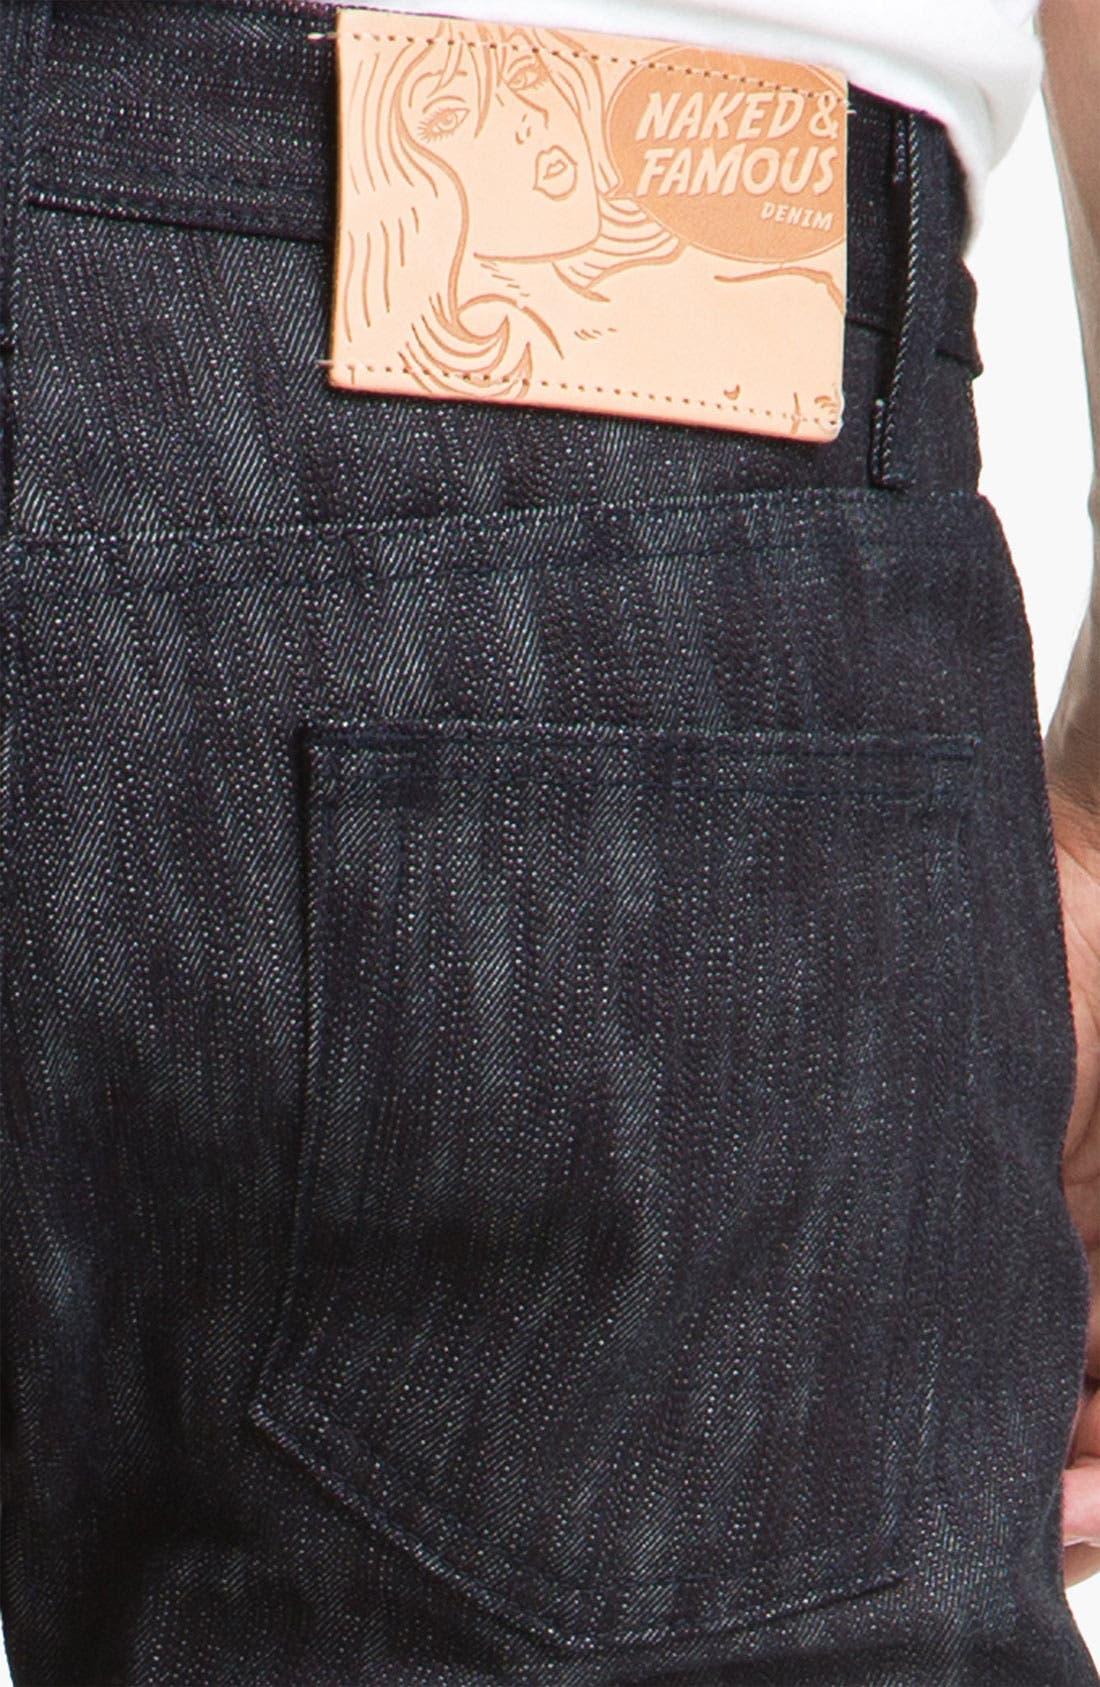 Alternate Image 4  - Naked & Famous Denim 'Weird Guy' Slim Tapered Leg Selvedge Jeans (Slubbed Indigo)